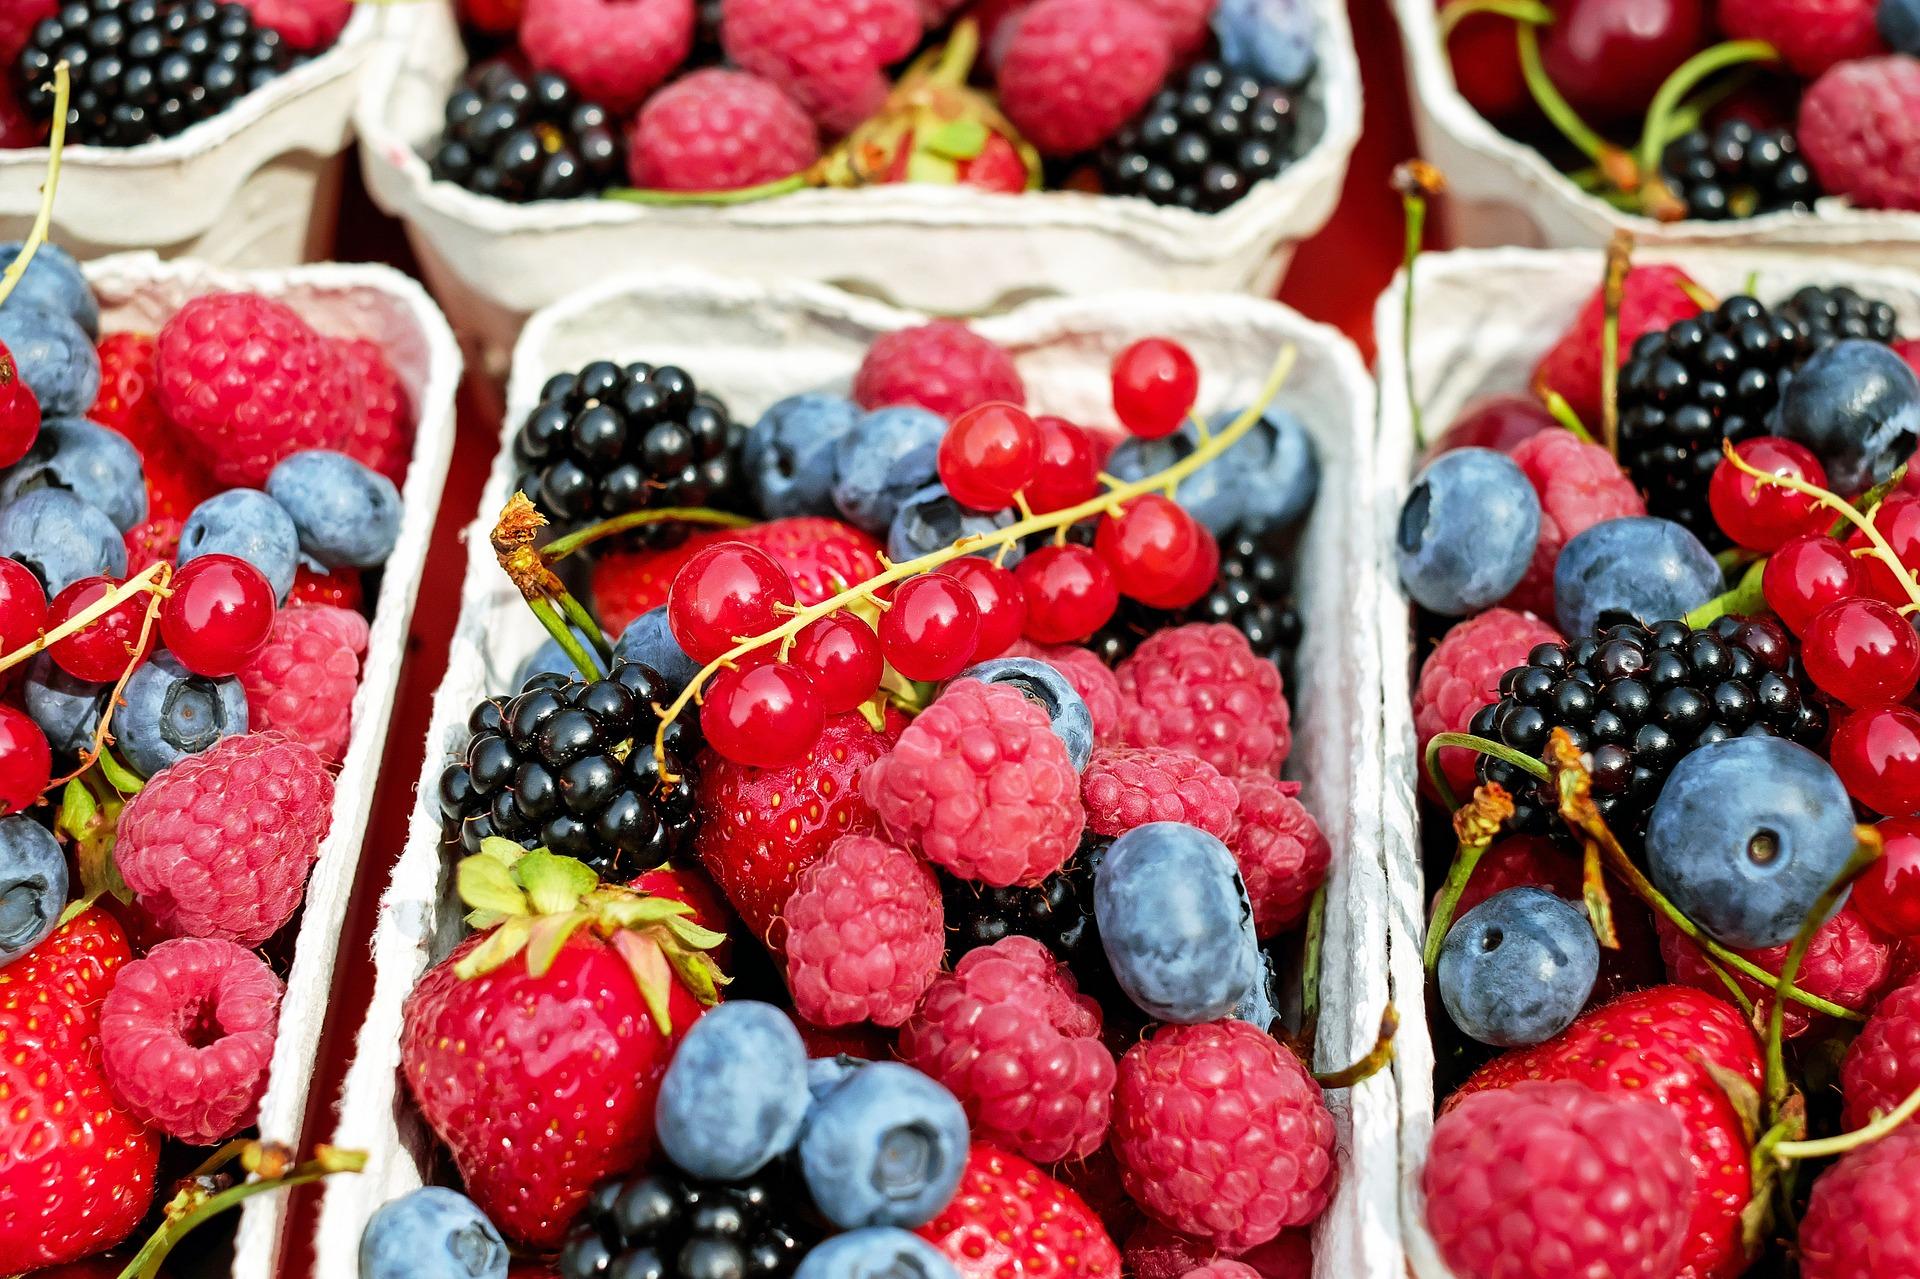 Studie: Deutsche wollen Spendepflicht für Lebensmittel